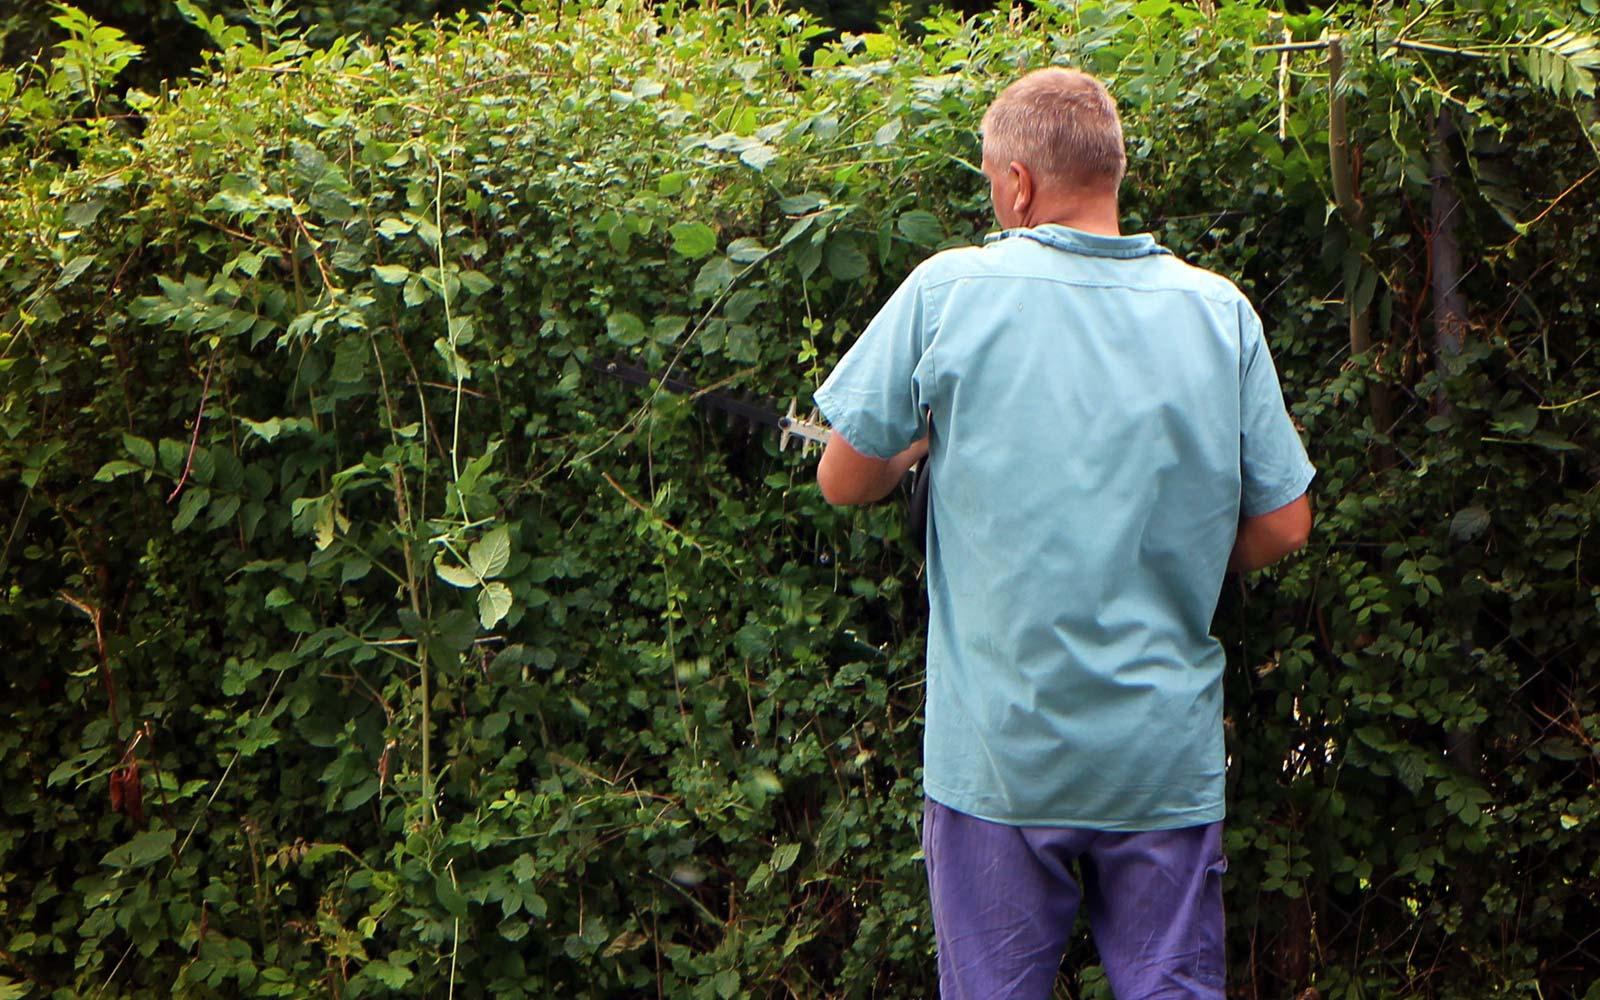 Pielęgnacja ogrodów w Białymstoku - Przycinanie zywopłotów